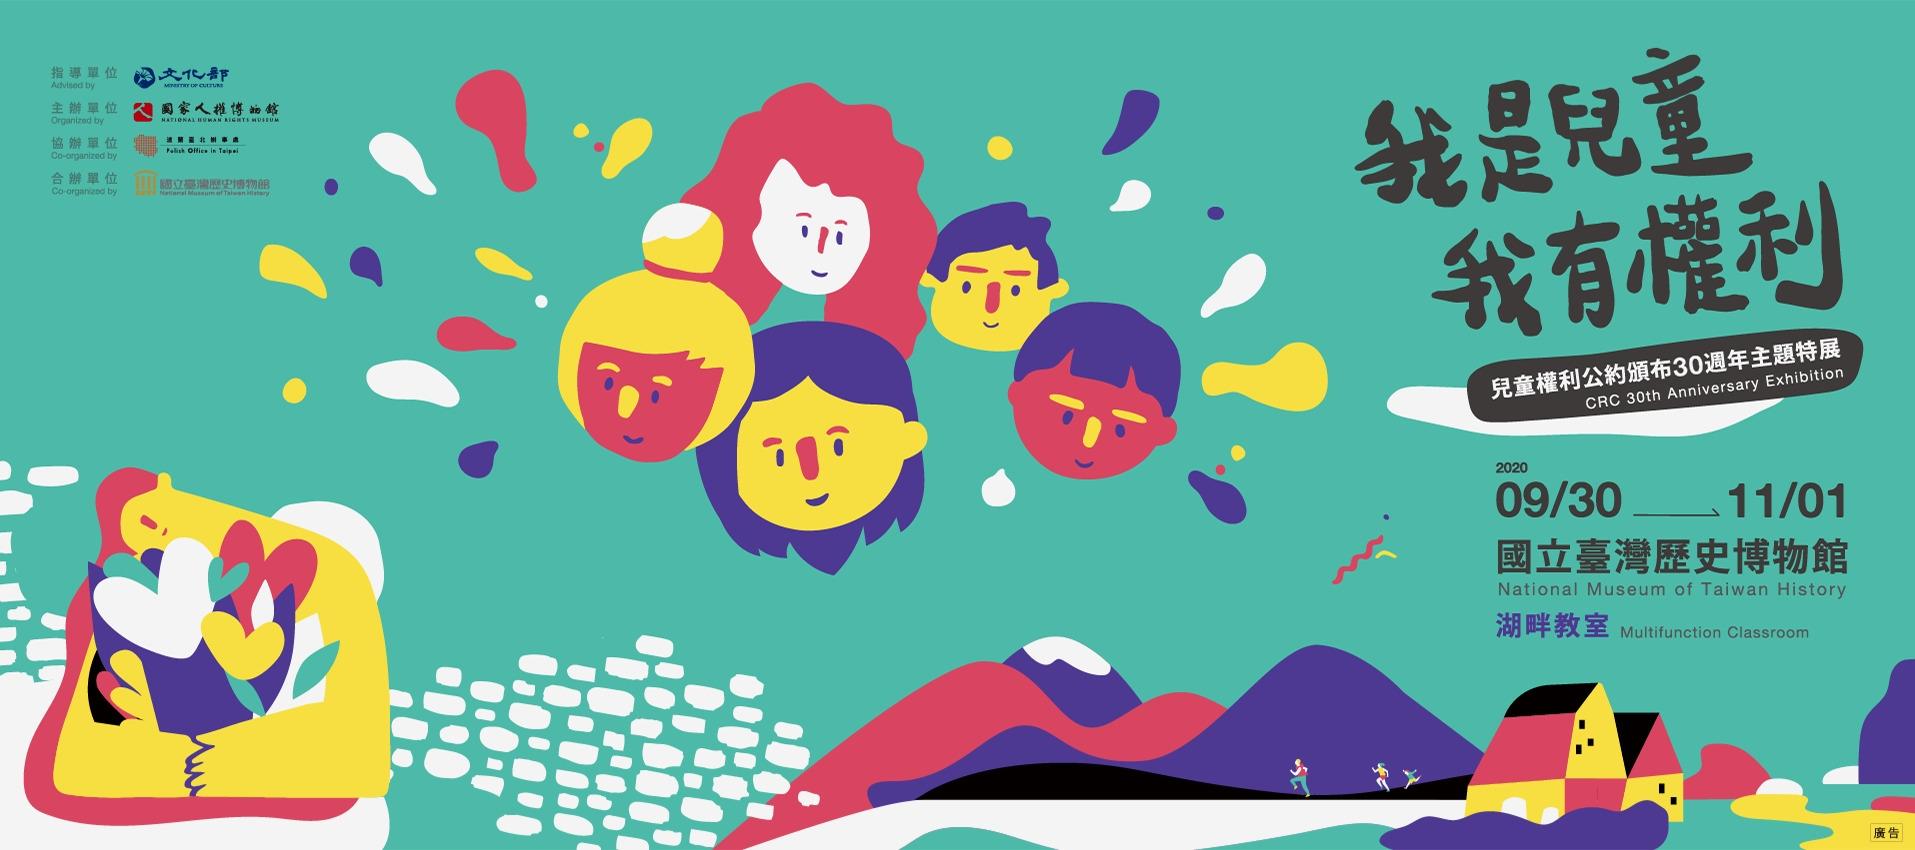 「我是兒童 我有權利」兒童權利公約頒布30週年主題特展